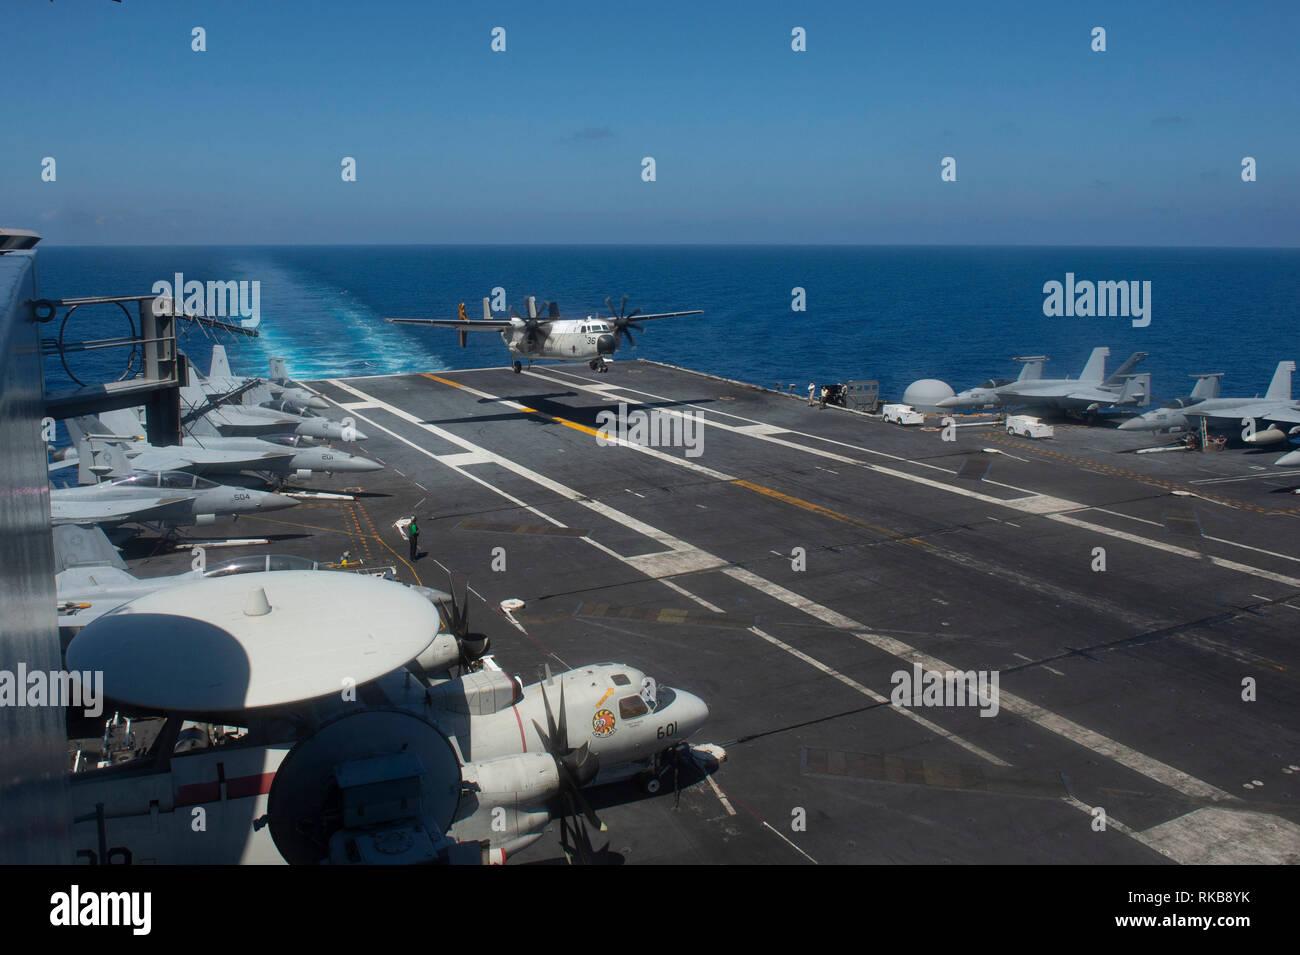 Un C-2A Greyhound, attribué à affecté à la logistique de la flotte e Escadron de soutien au combat (RVC) 30, le détachement 4, atterrit sur le pont du porte-avions USS JOHN C. STENNIS (CVN 74) dans l'océan Pacifique, le 8 février 2019. Le John C. Stennis est déployé pour la 7è zone des opérations de la flotte à l'appui de la sécurité et de la stabilité dans la région Indo-Pacifique. (U.S. Photo par marine Spécialiste de la communication de masse Seaman Apprentice Jordanie Ripley) Photo Stock